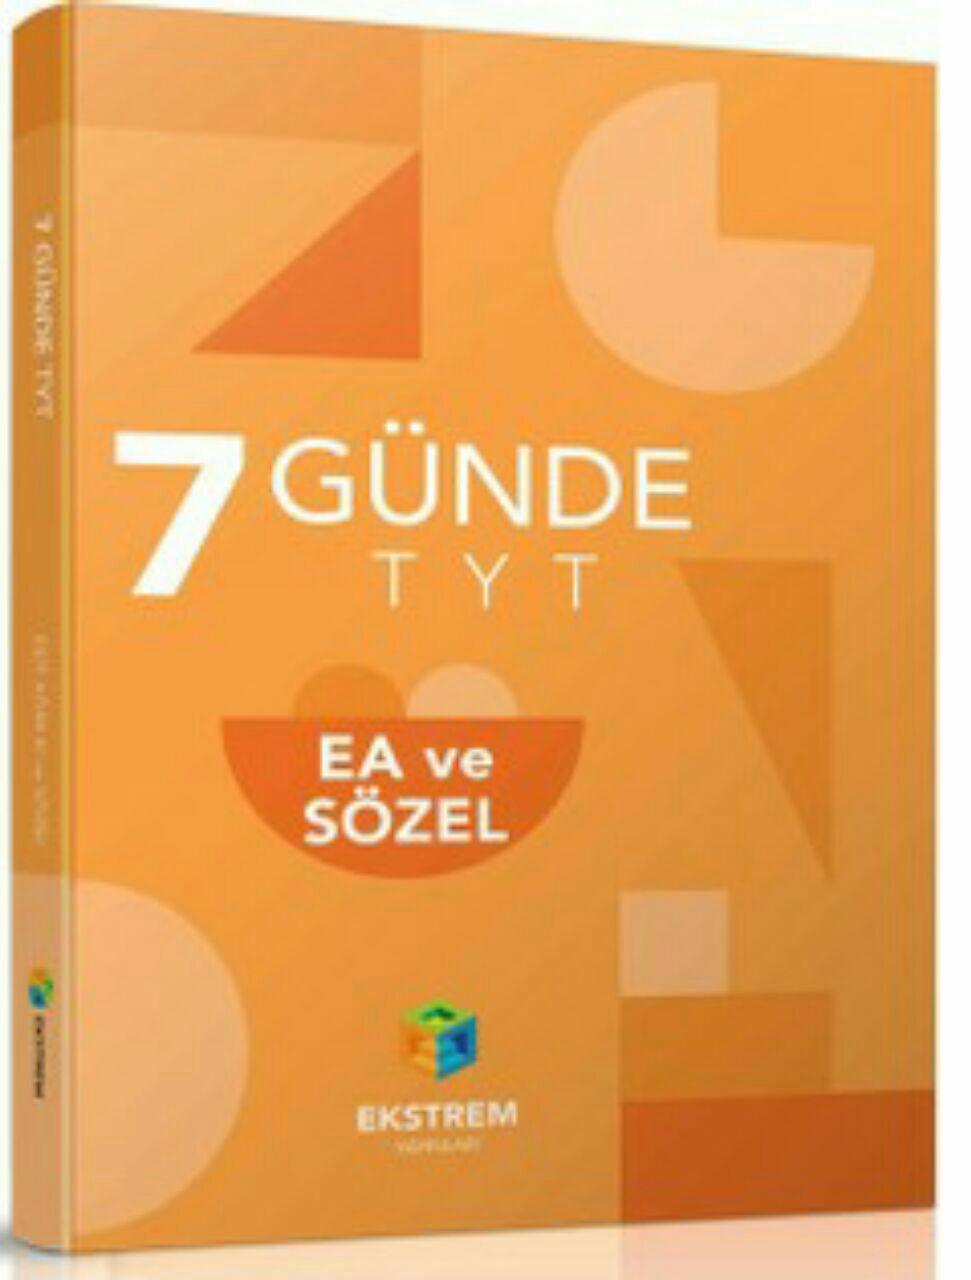 Ekstrem Yayınları 7 Günde TYT Eşit Ağırlık ve Sözel (2019-2020)